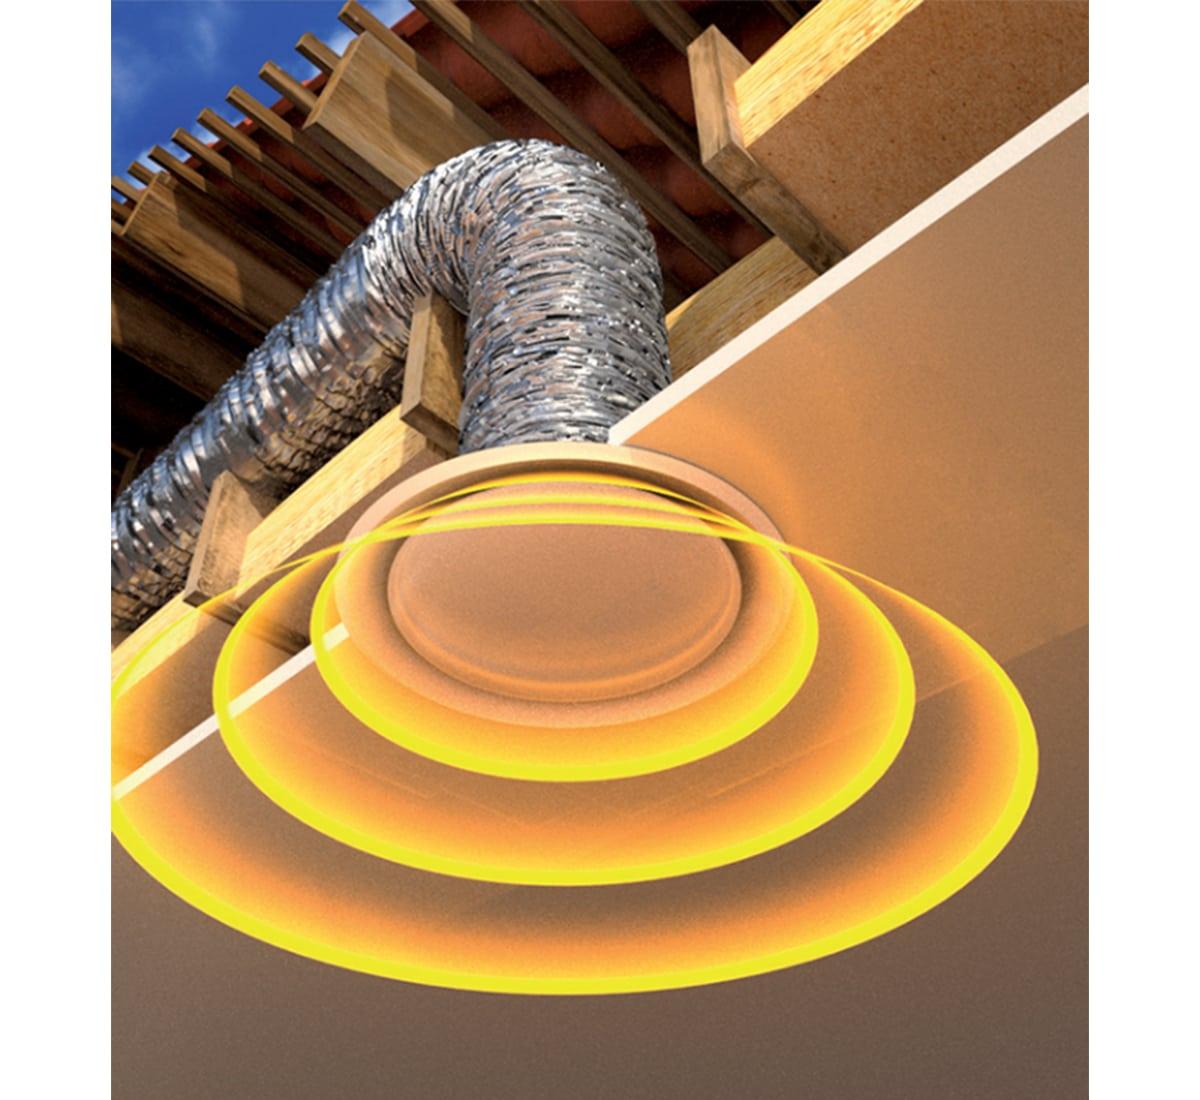 installation d'une ventilation solaire autonome vue 2